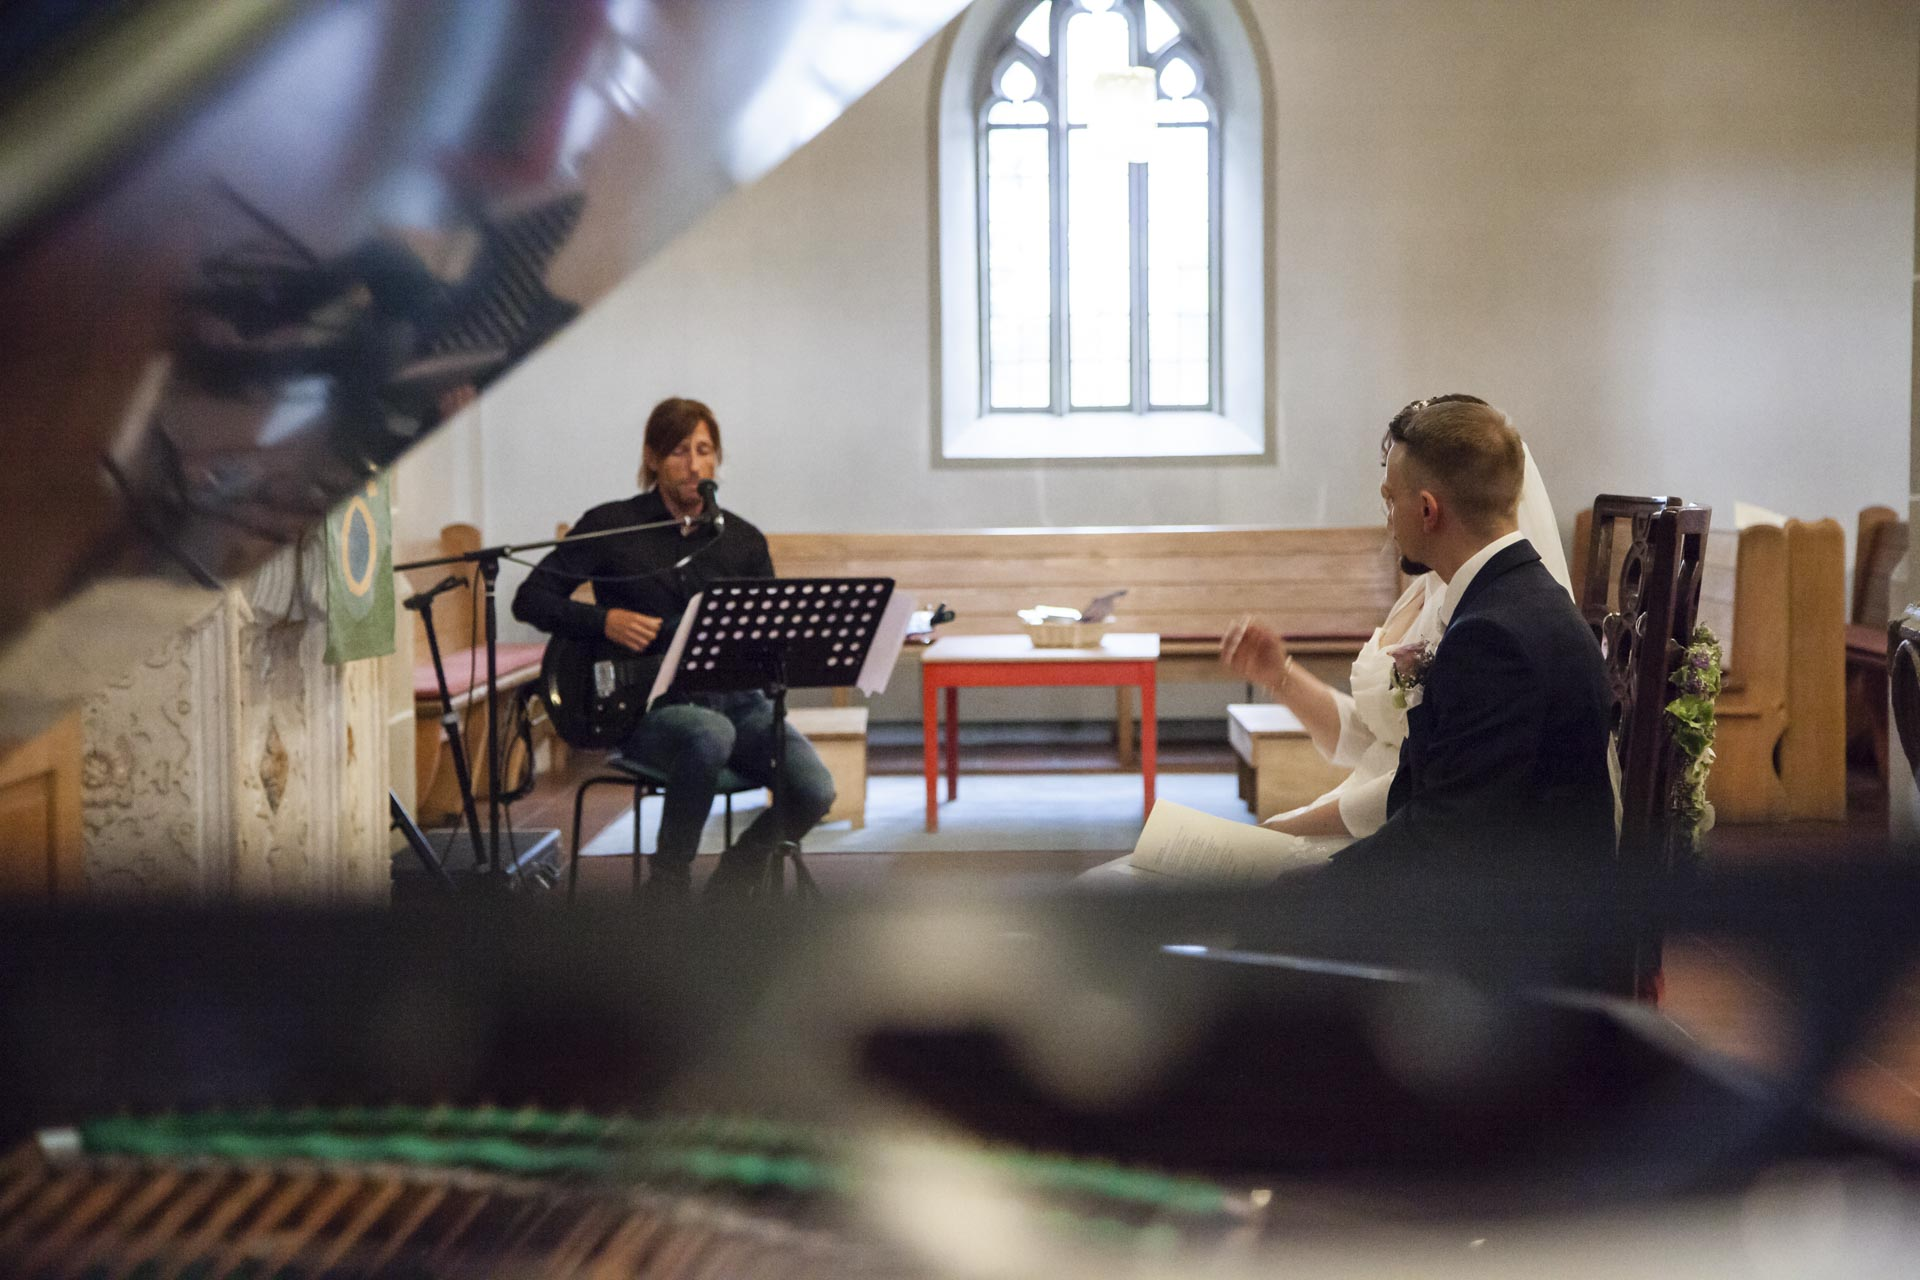 Hochzeit-Trauung-Kirche-003